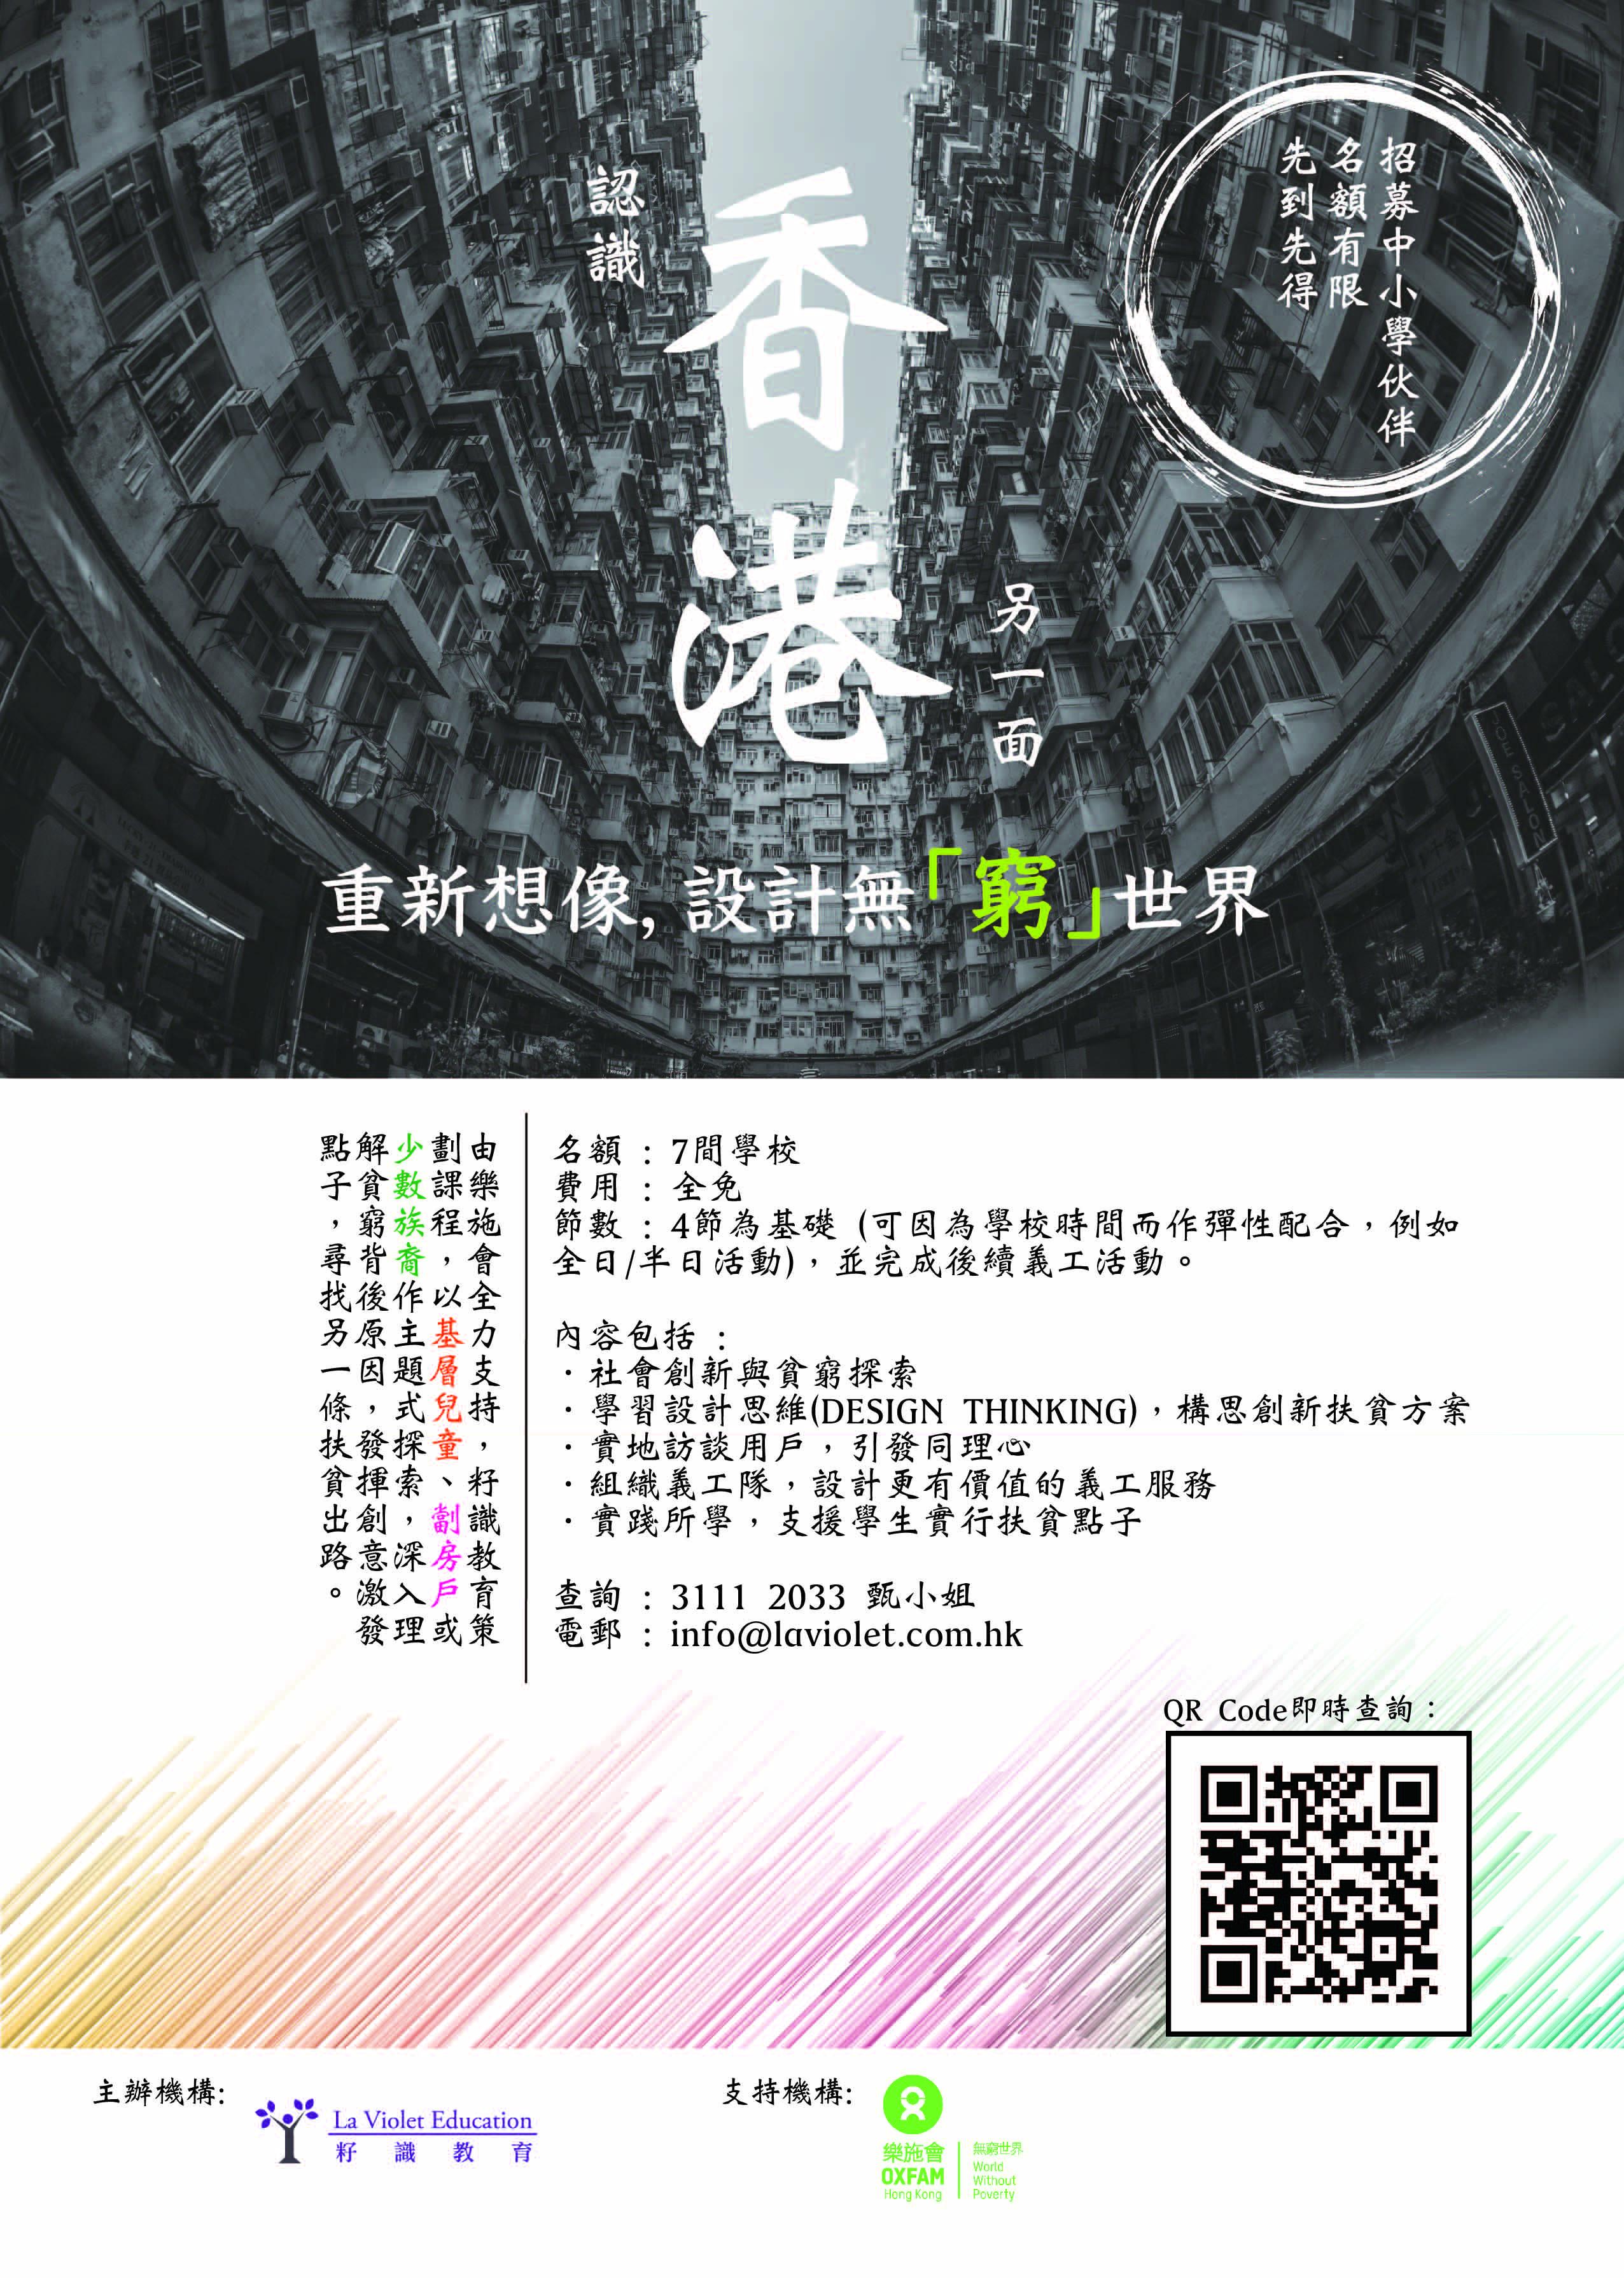 """認識香港另一面-重新想像,設計無""""窮""""世界"""